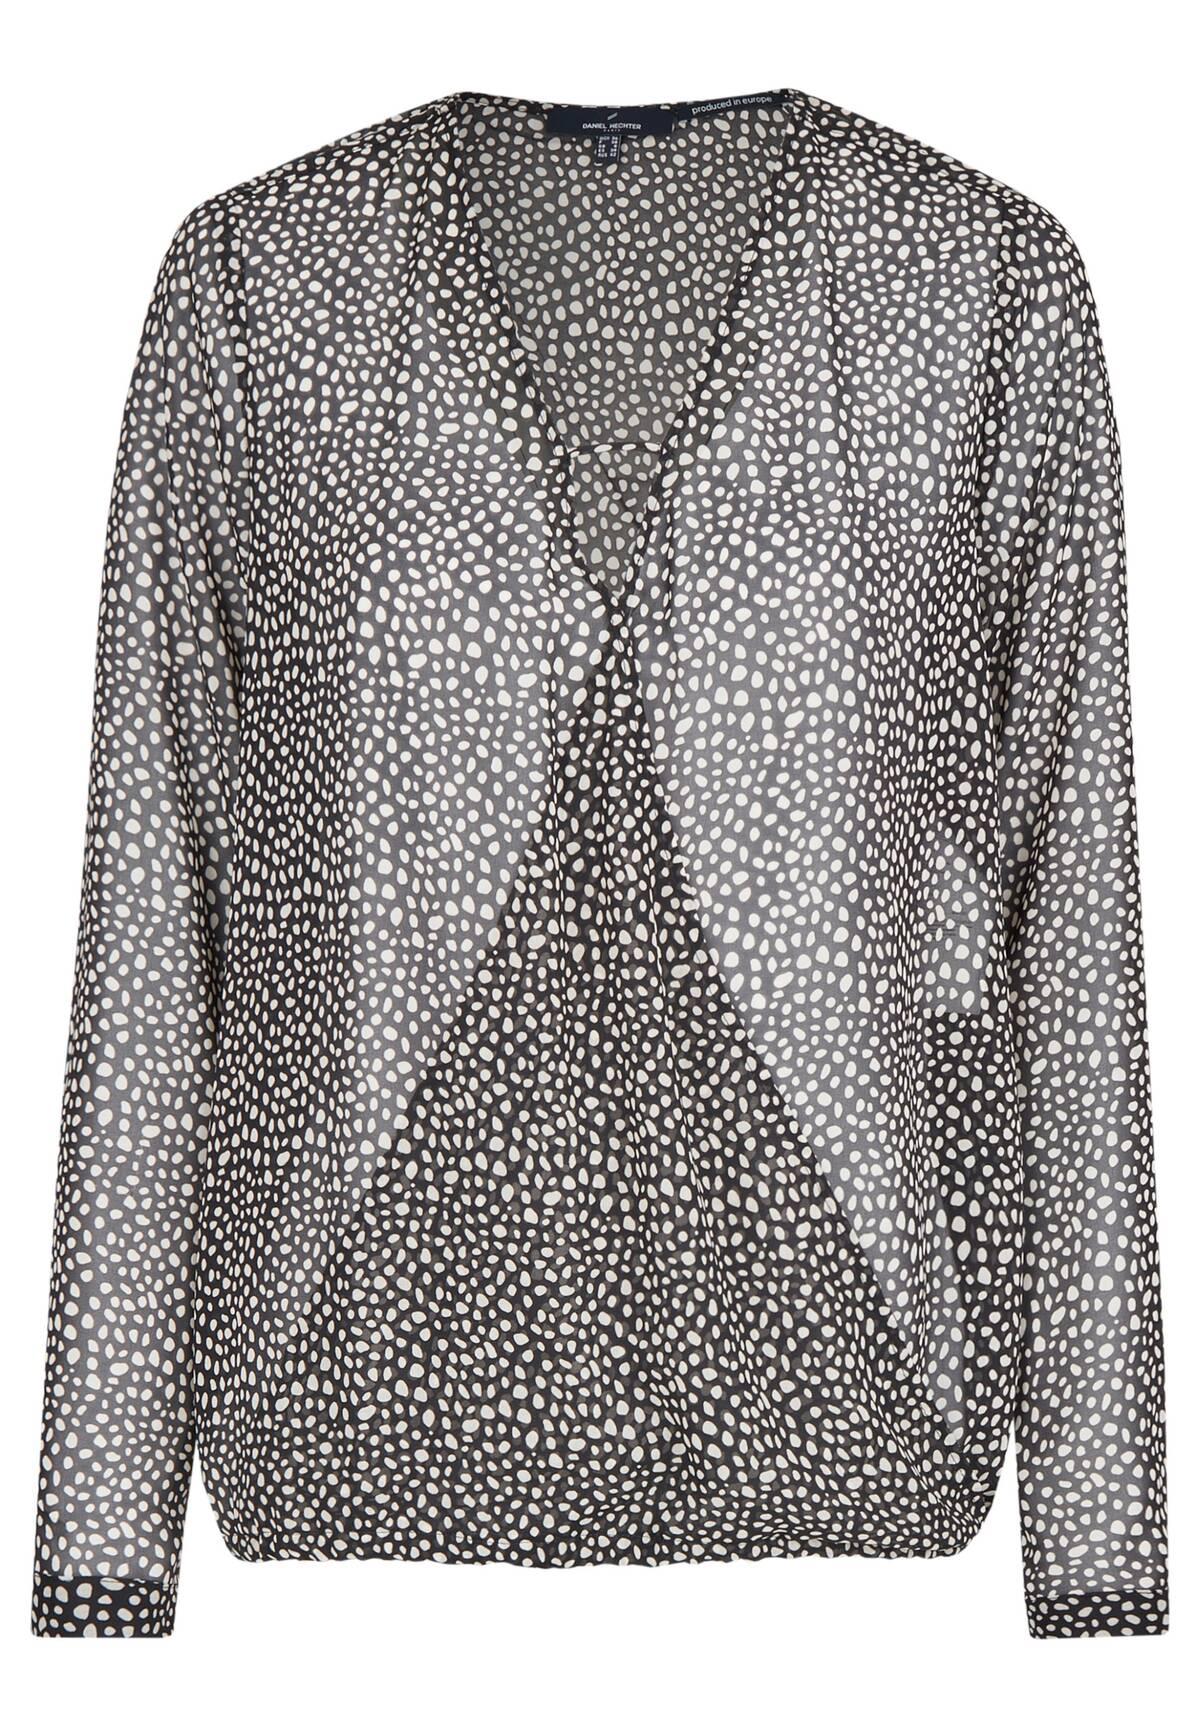 Modische Bluse / Blouse